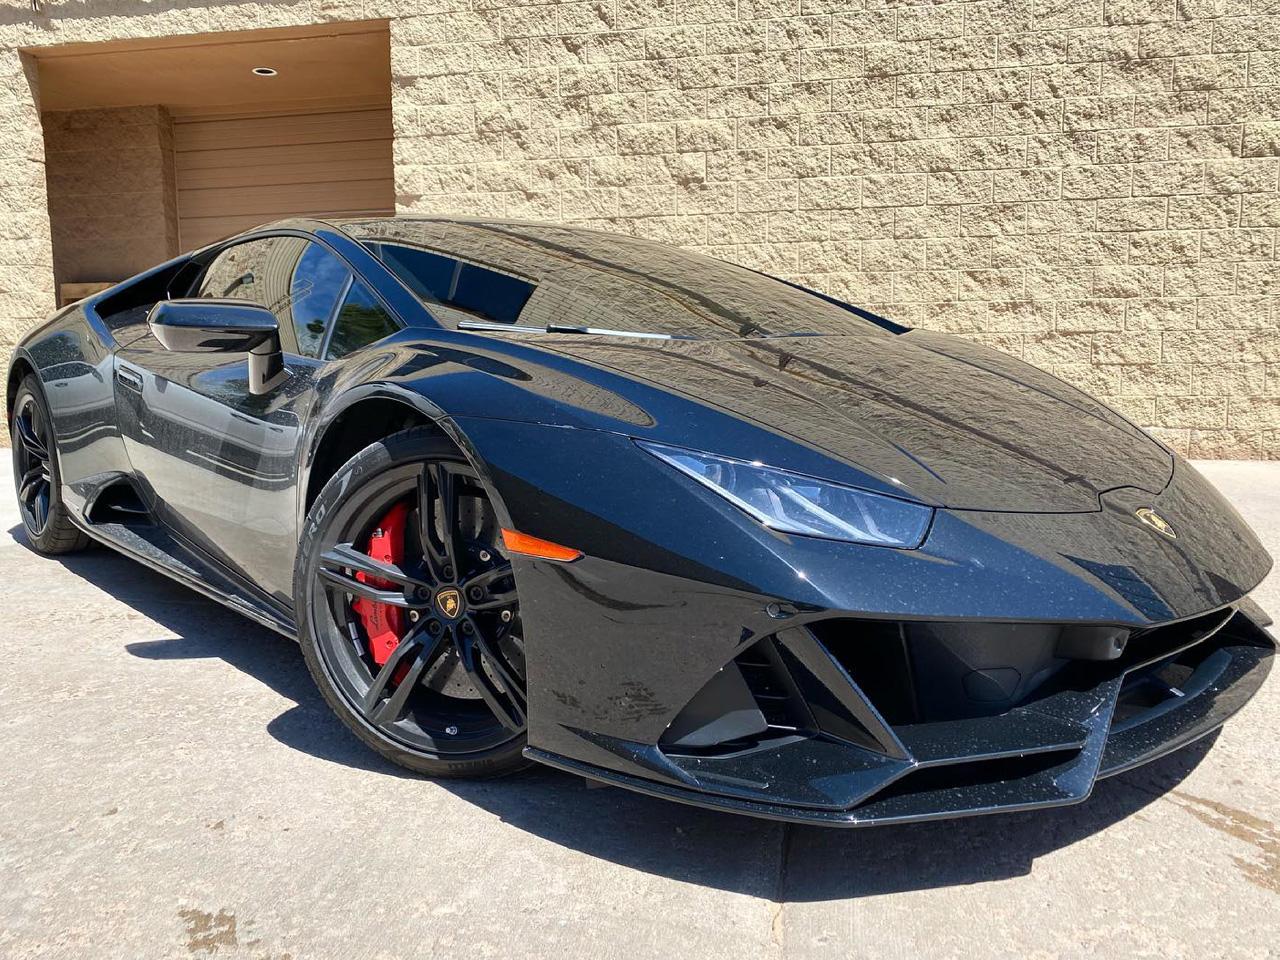 Lamborghini Huracan Evo tinted windows